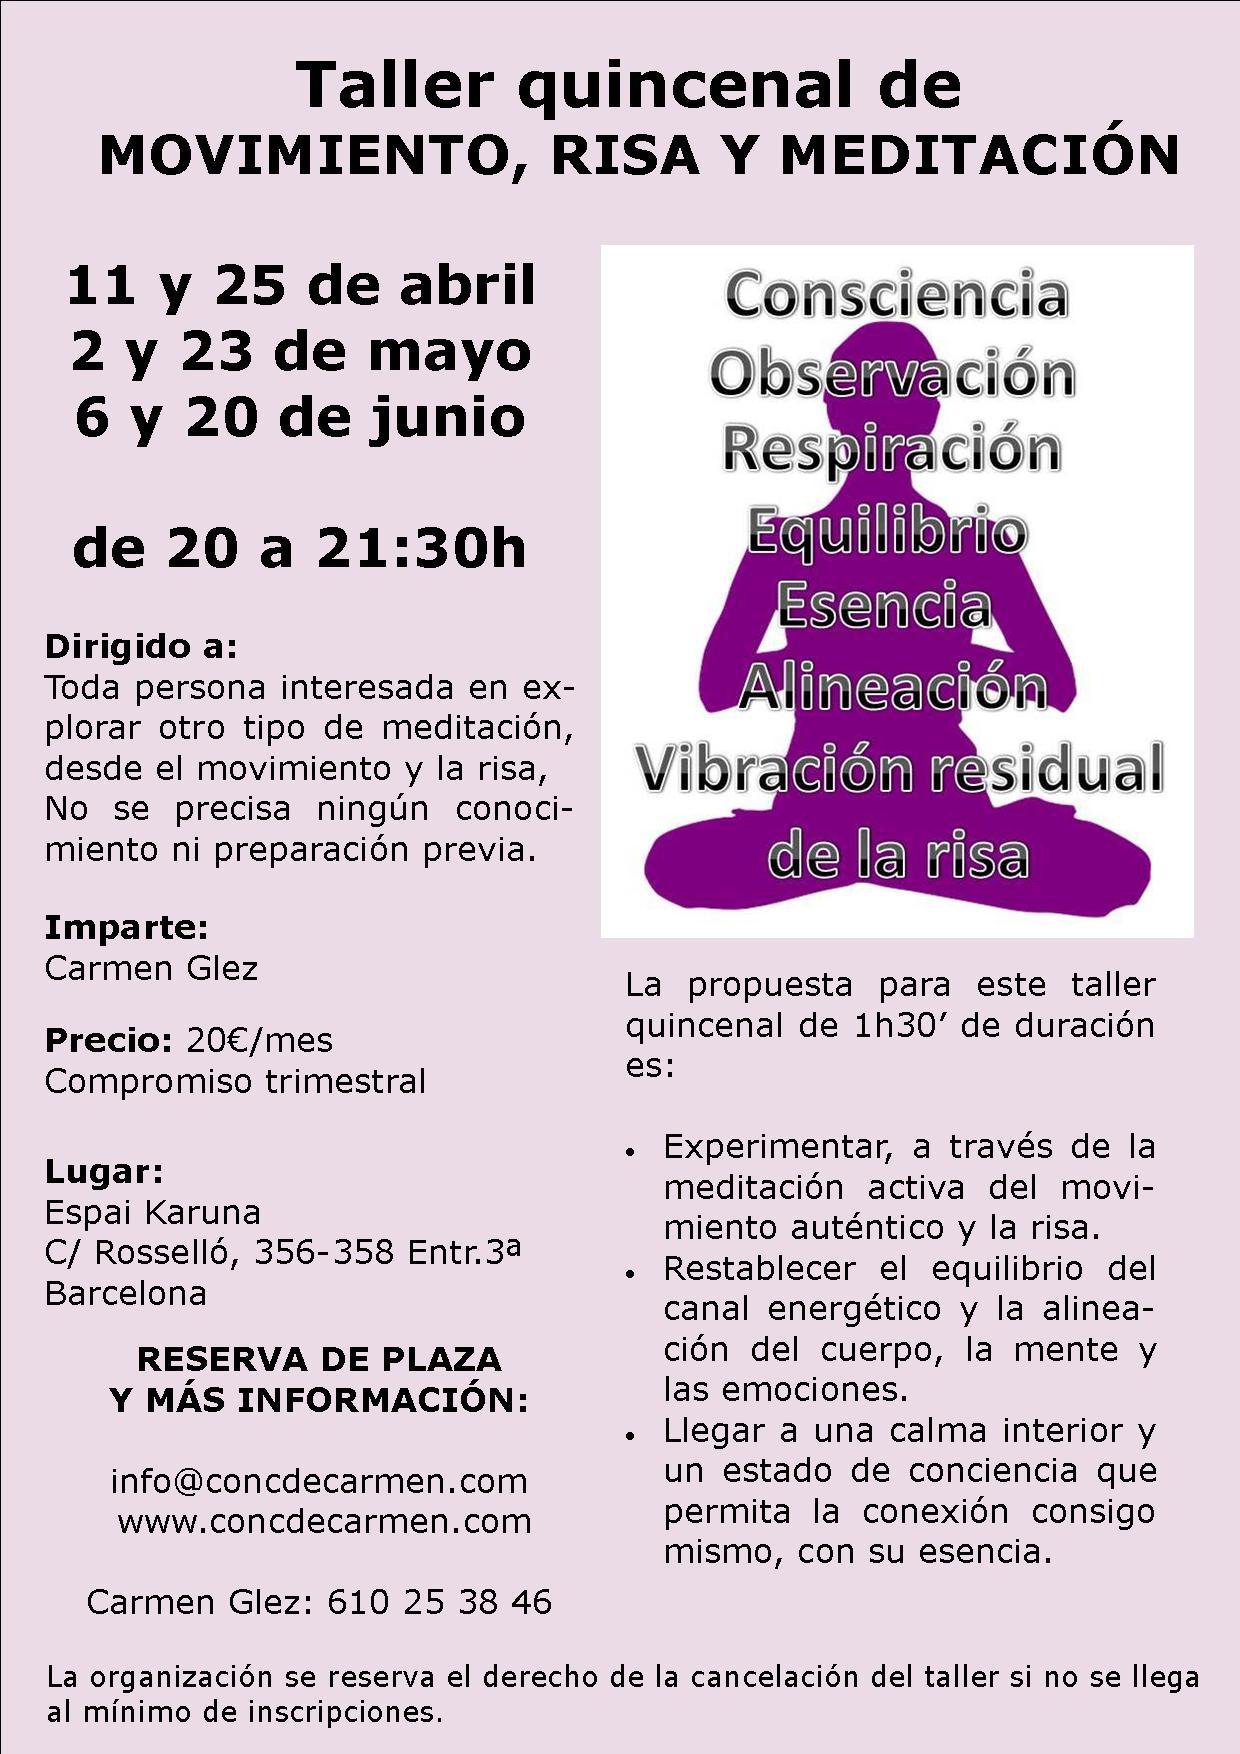 Taller quincenal Movimiento, Risa y Meditación Barcelona